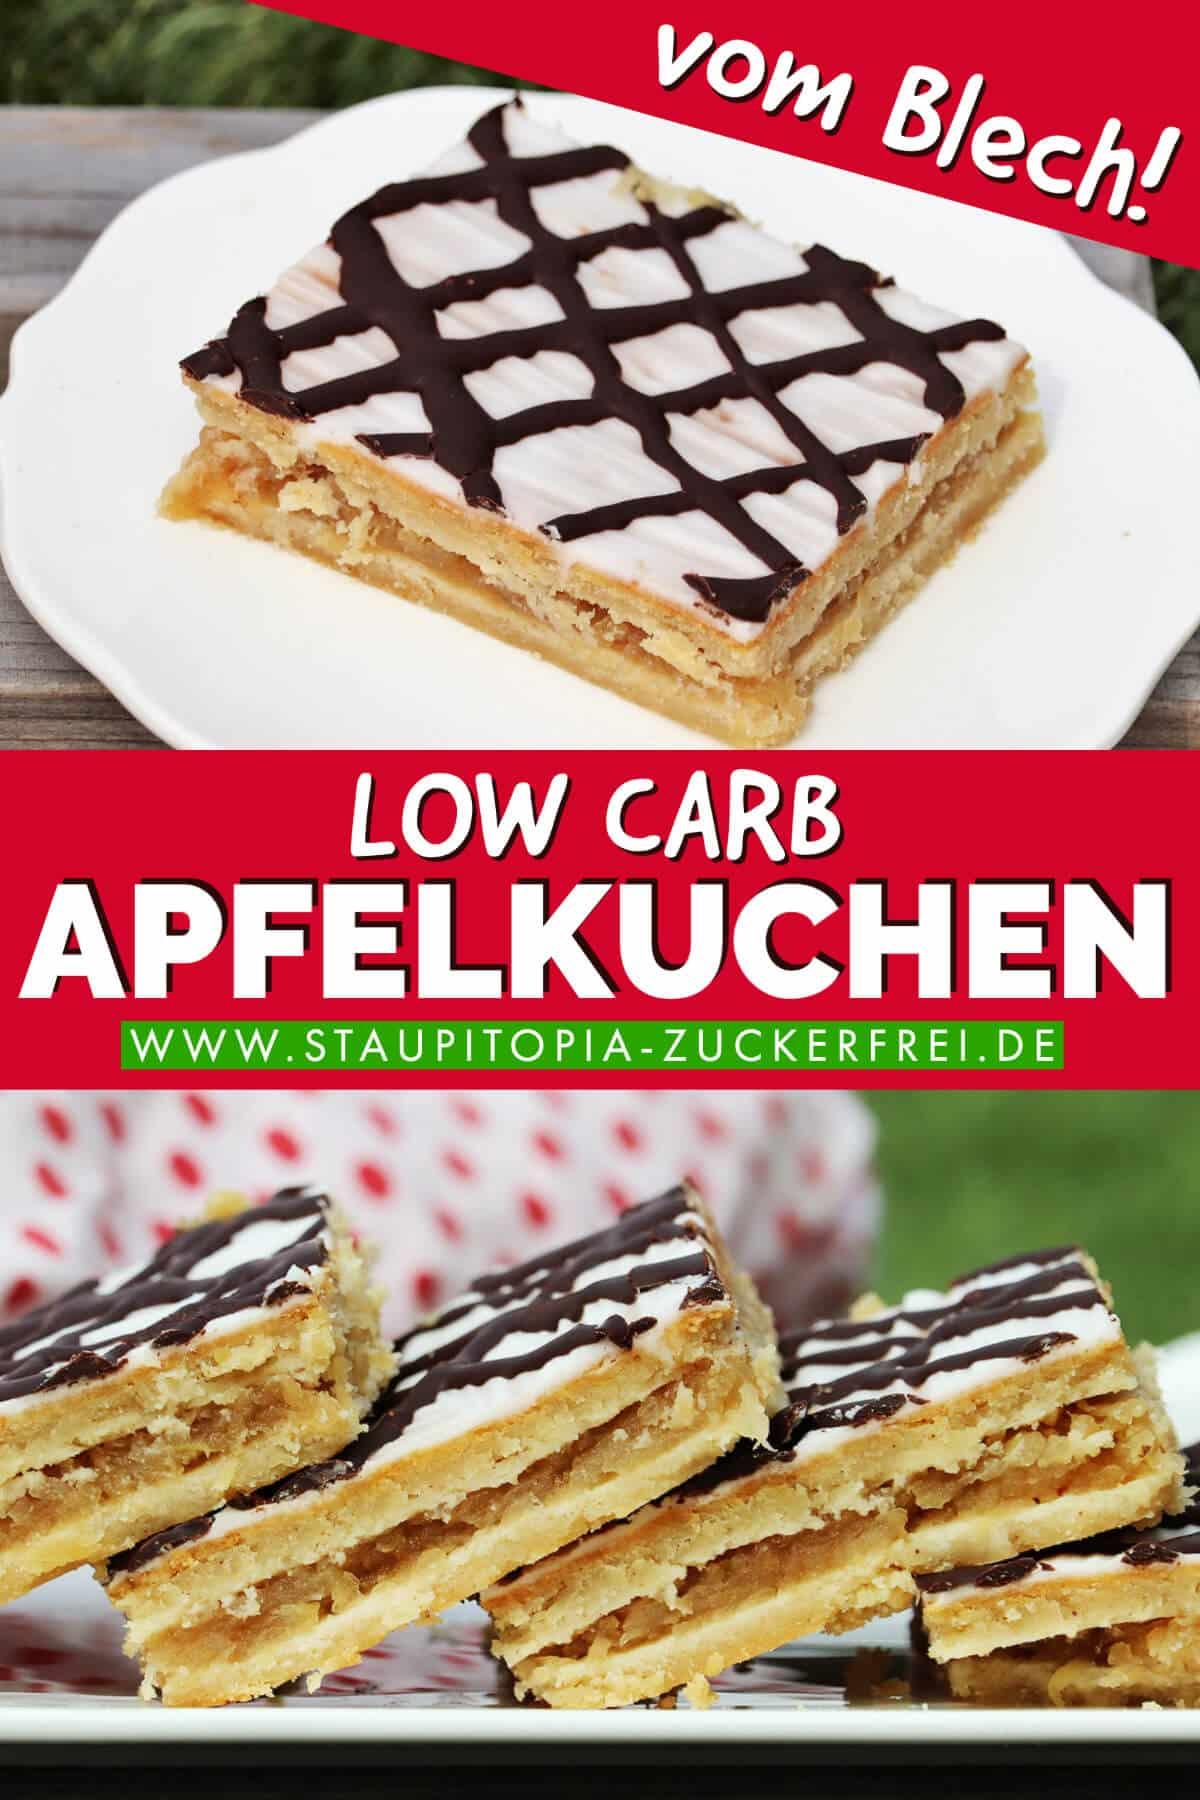 Low Carb Apfelkuchen mit Mandelmehl ohne Zucker aus Low Carb Mürbeteig auf dem Blech gebacken.